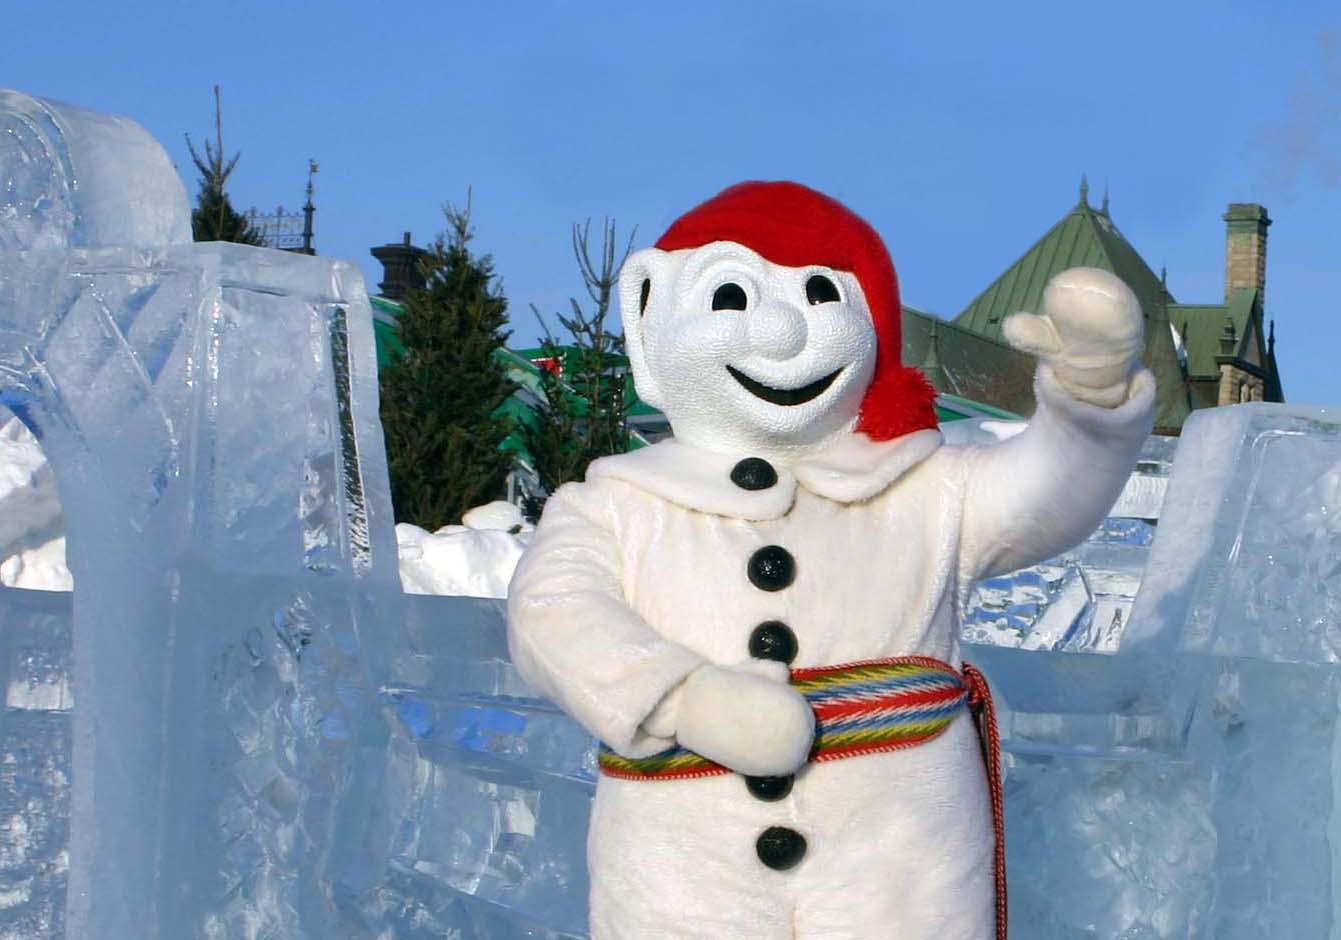 Winter Carnaval de Quebec - WanderNorth